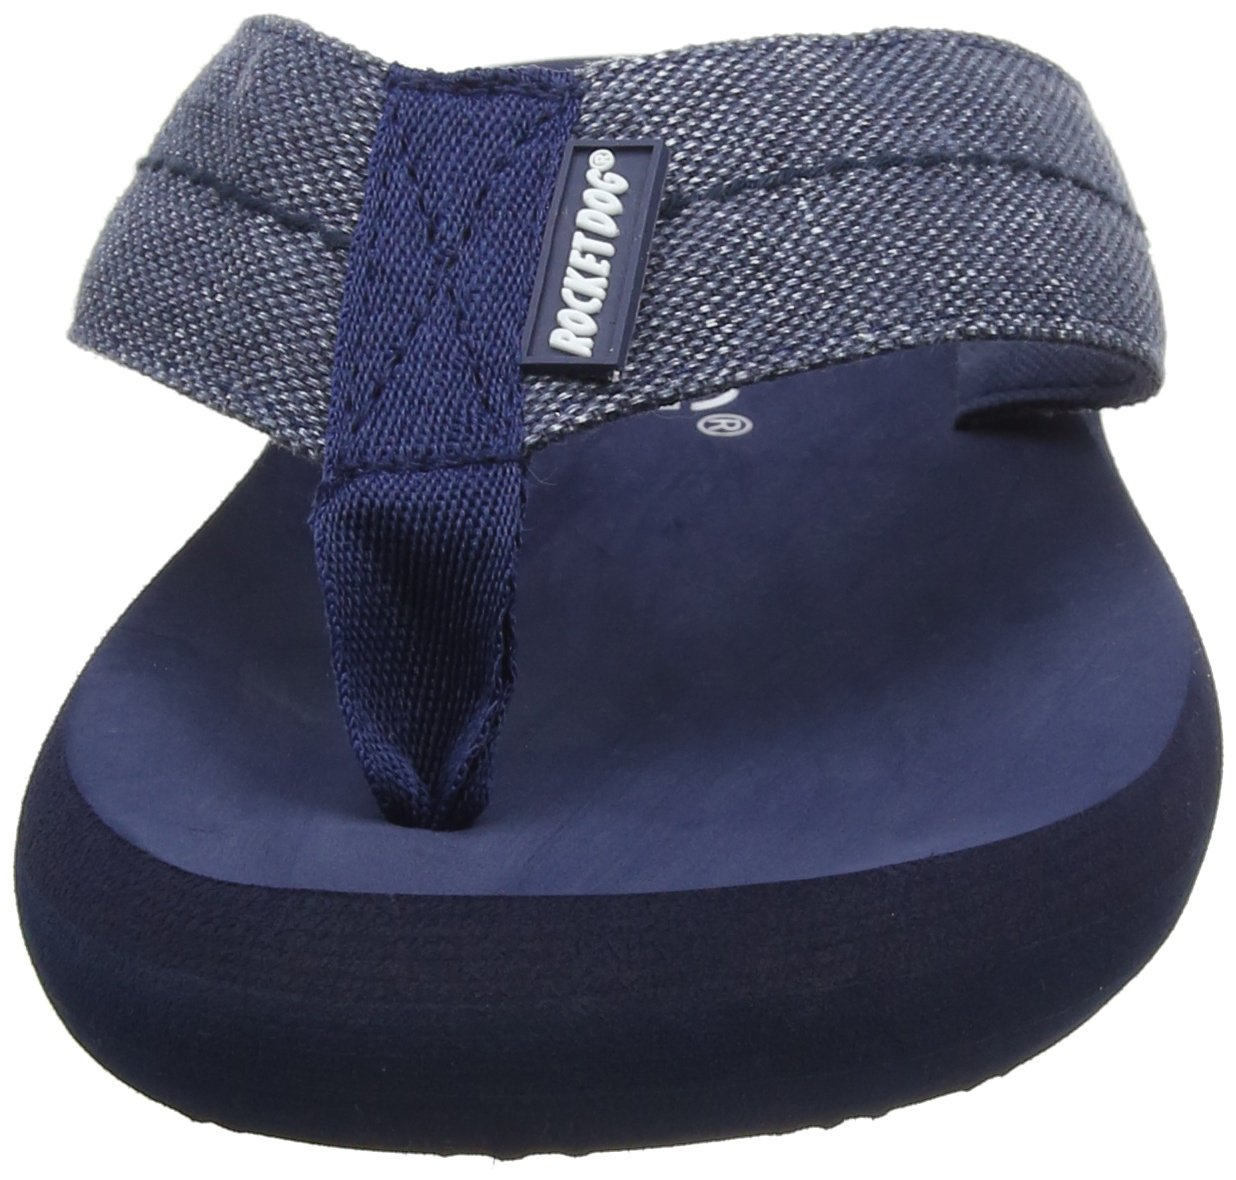 bfe3595f937c Amazon.co.uk  Rocket Dog  Sandals and Flip Flops